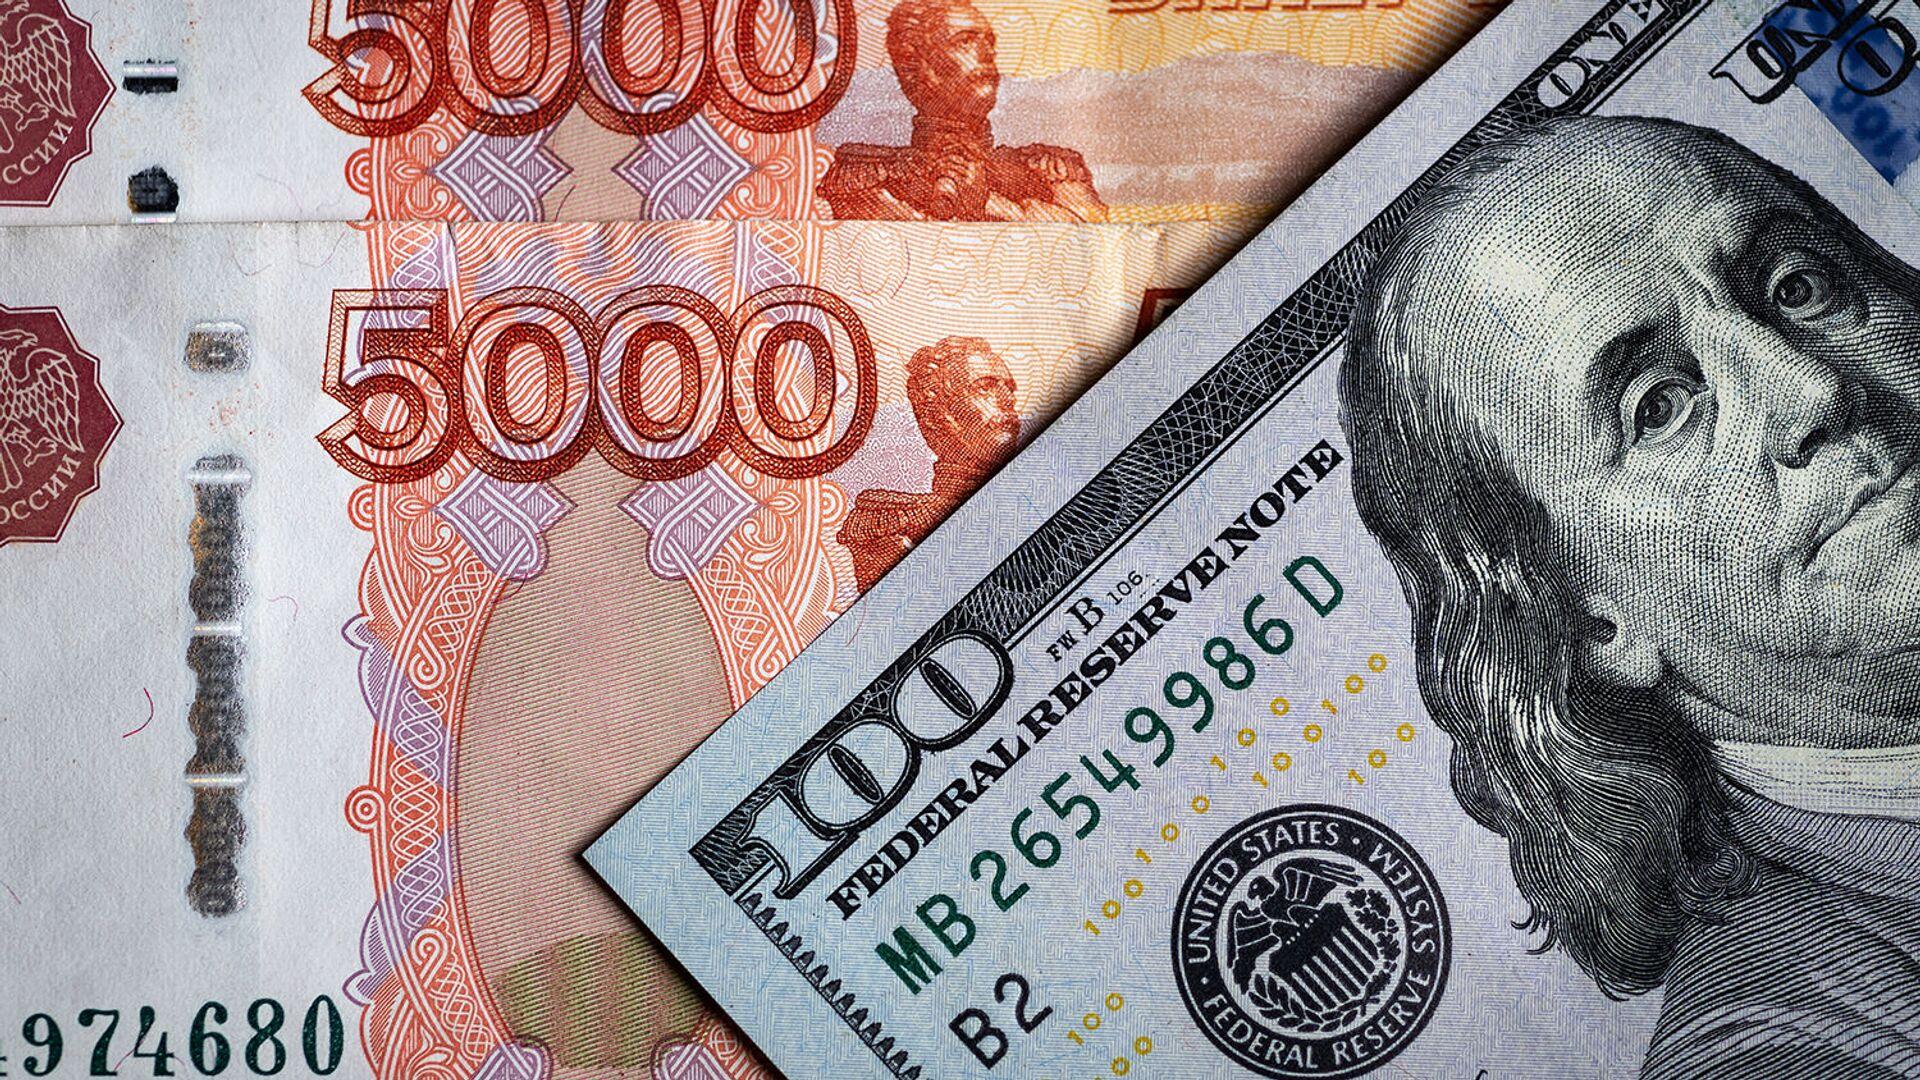 Денежные купюры: российский рубли и доллары - РИА Новости, 1920, 25.02.2021